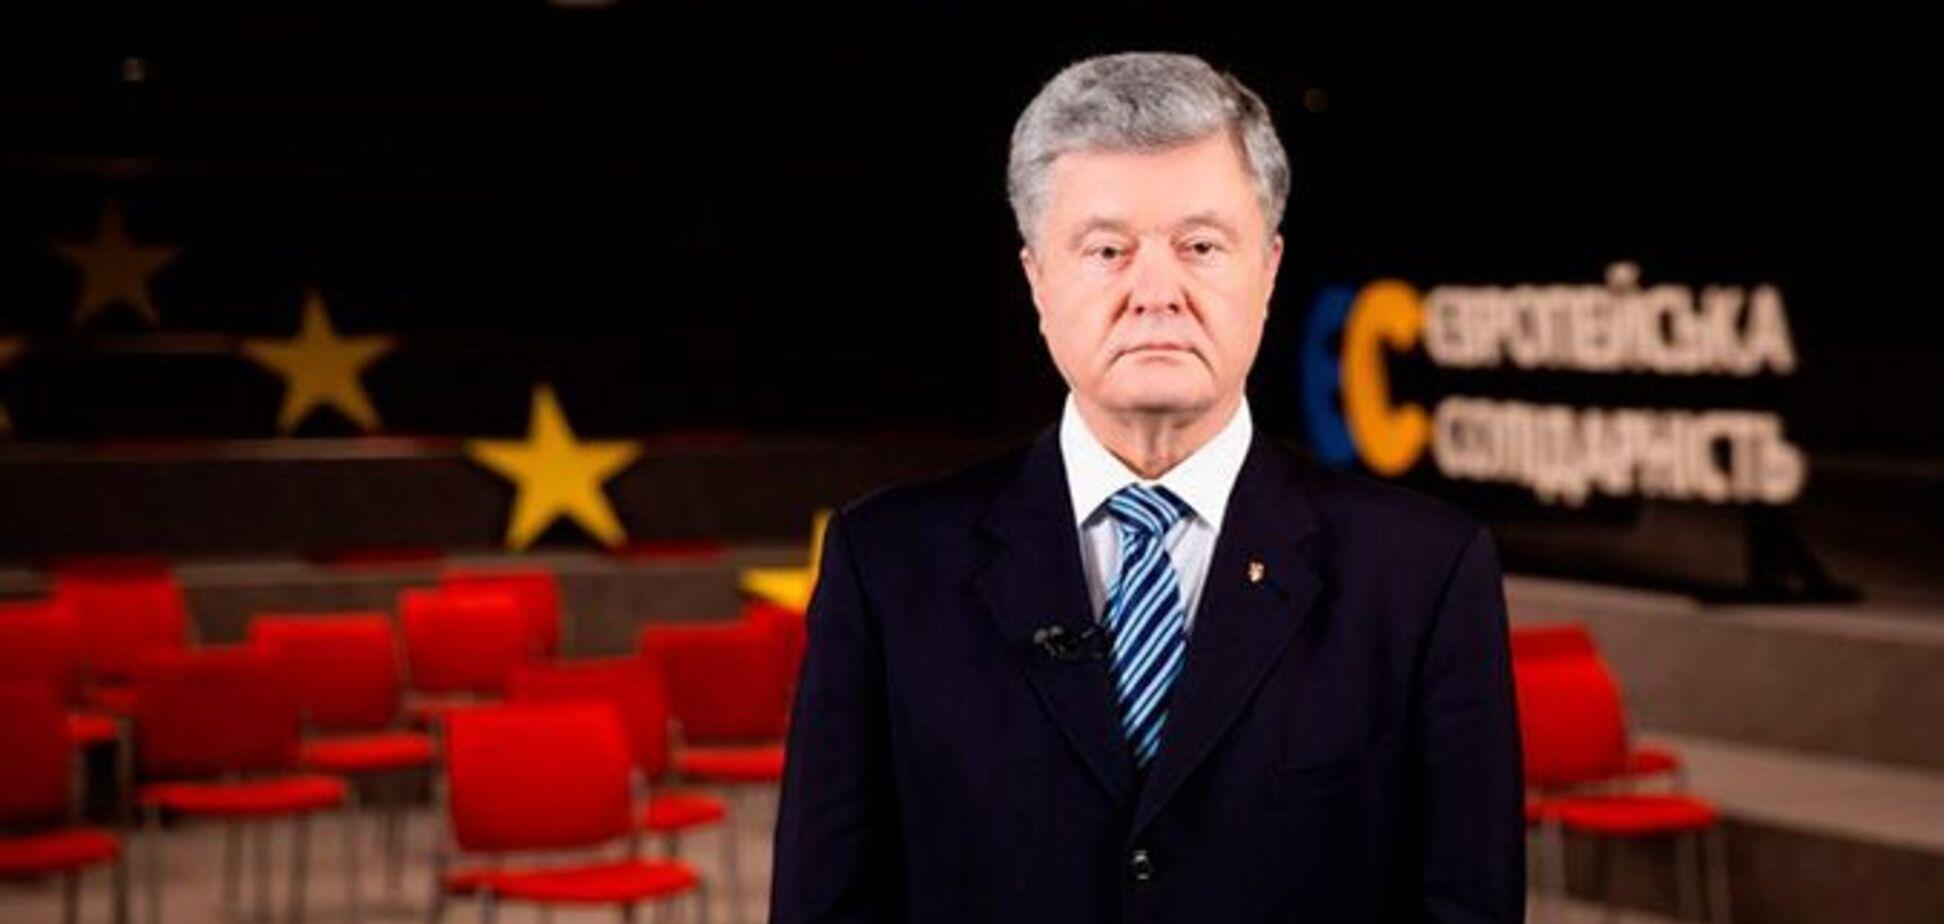 П'ятий президент талідер партії 'Європейська Солідарність' Петро Порошенко дав інтерв'ю французькому виданню 'L'Express'